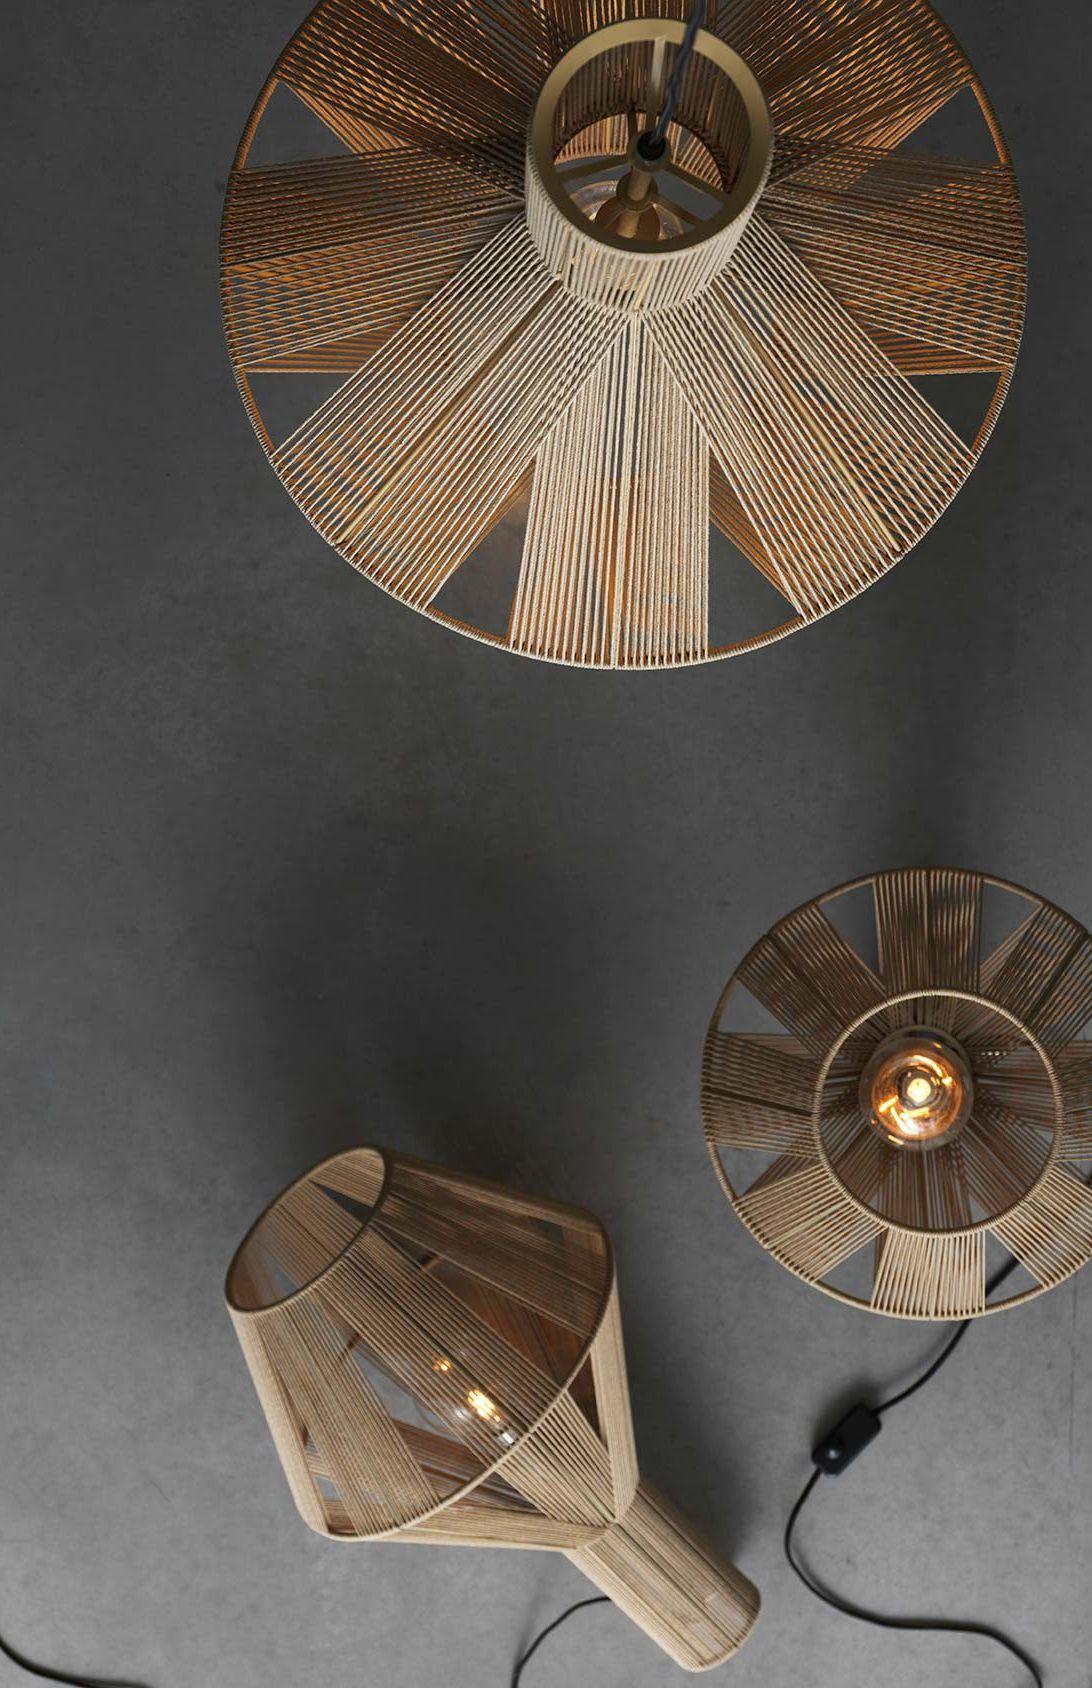 Spinn light Pholc Luminaires Pinterest